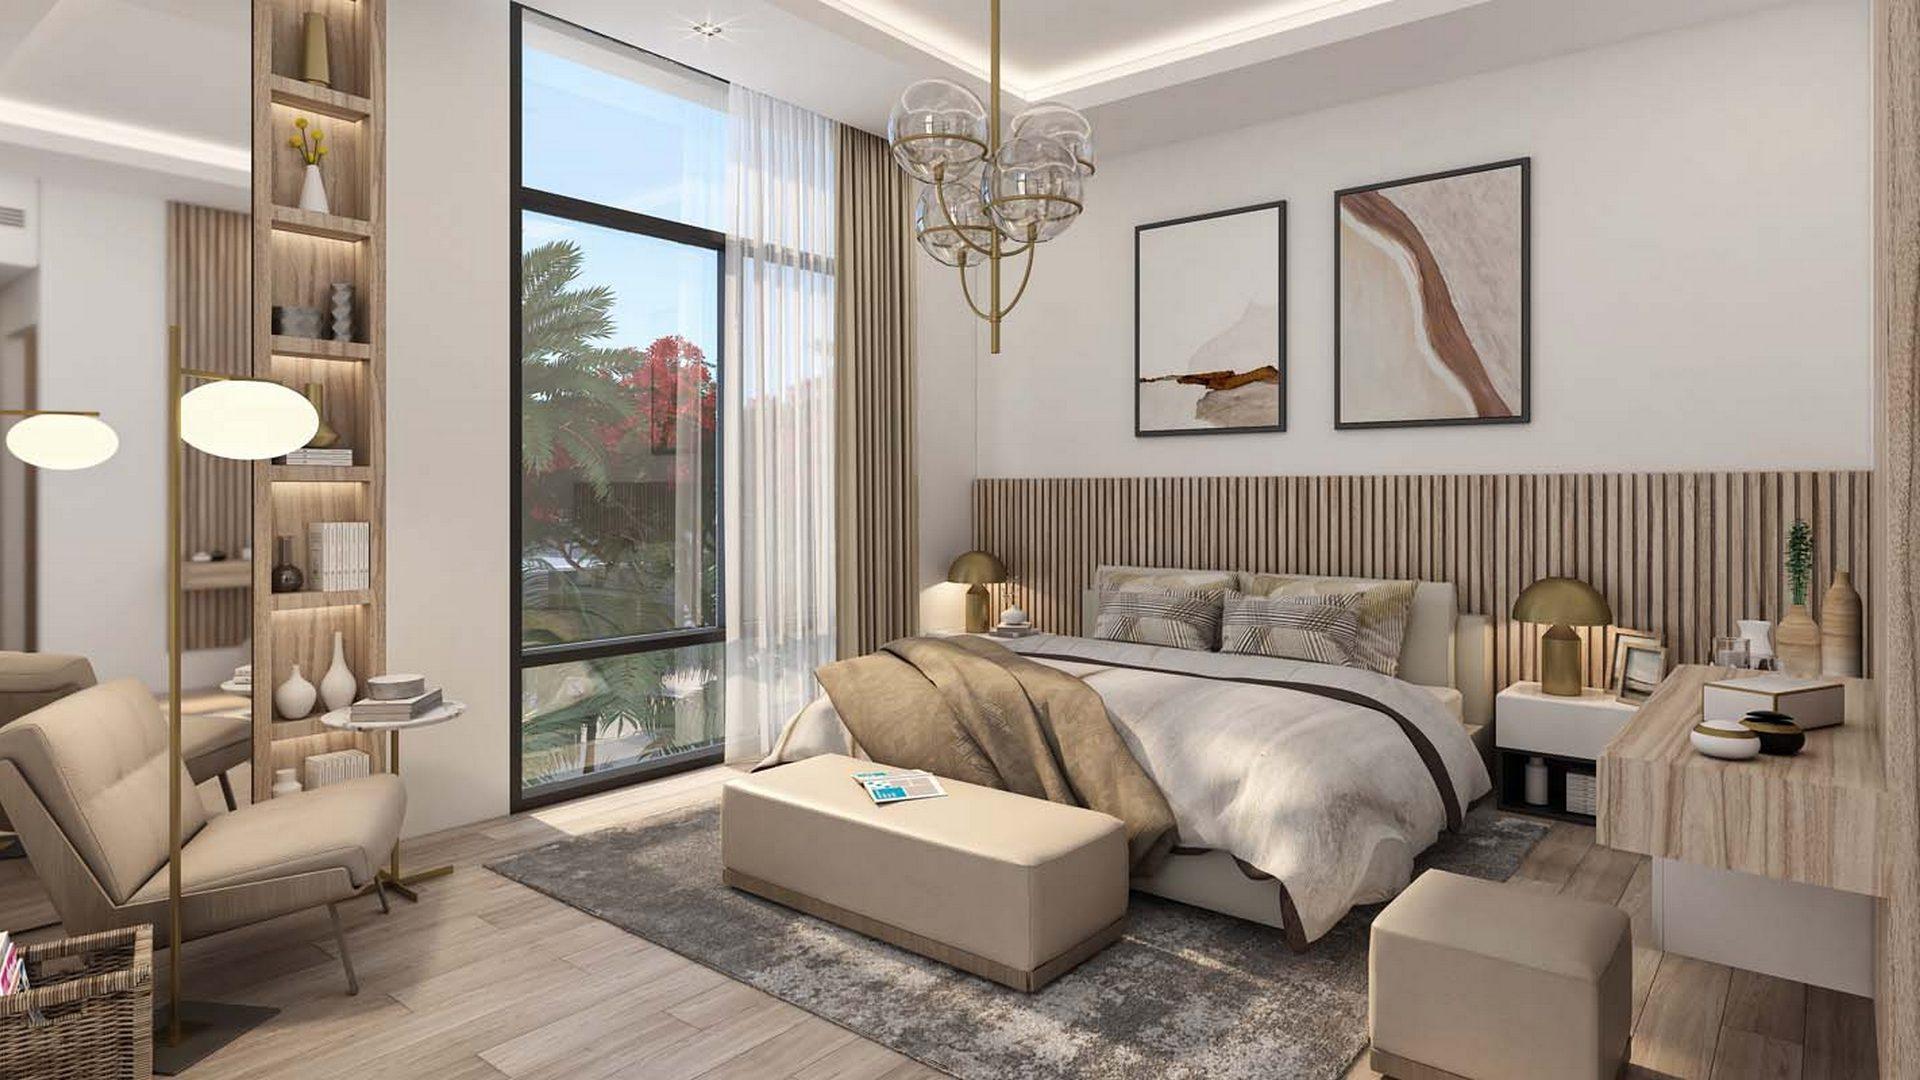 Adosado en venta en Dubai, EAU, 3 dormitorios, 224 m2, № 24533 – foto 1